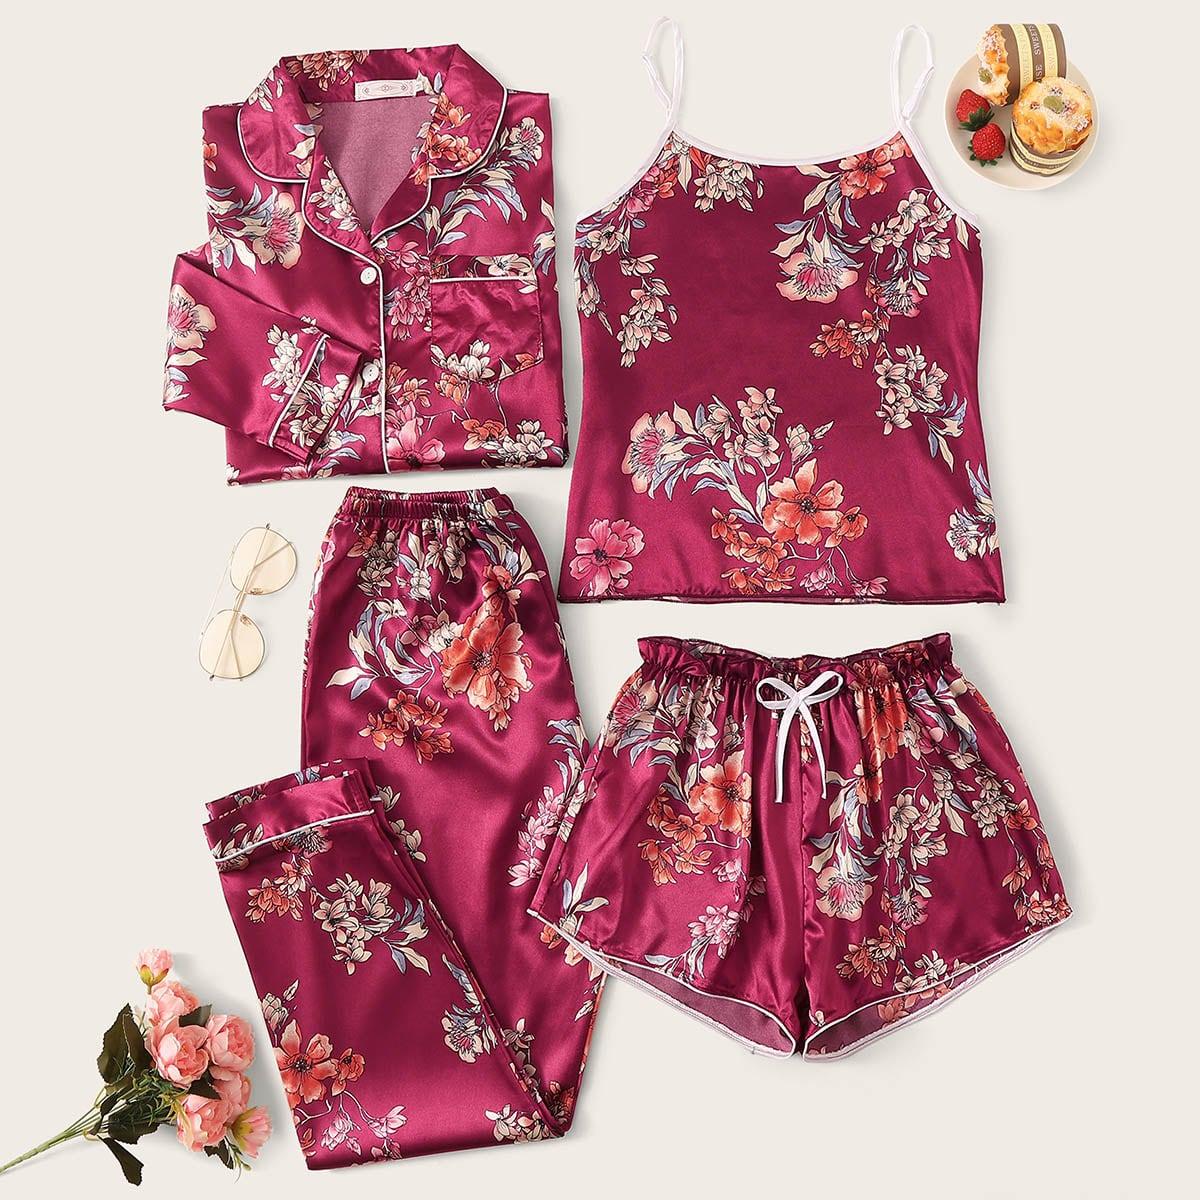 Атласная пижама с цветочным принтом 4шт